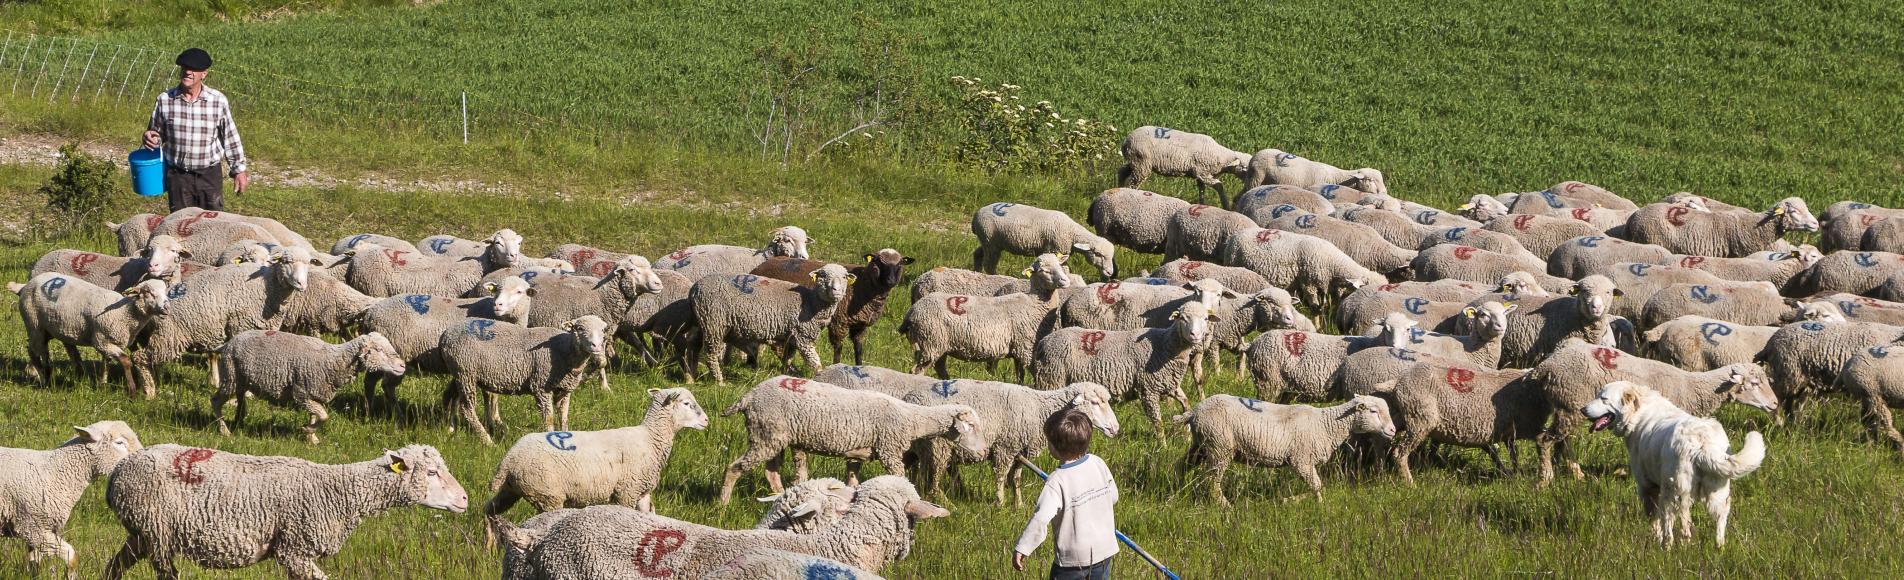 Troupeau d'ovins © Bertrand Bodin - Parc national des Ecrins